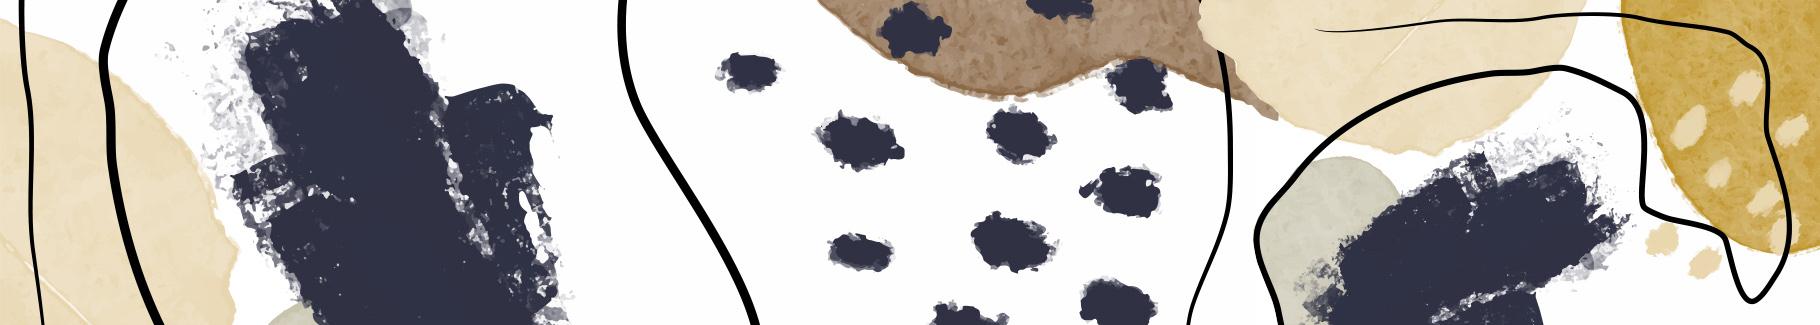 Plakat czarno-biały minimalizm